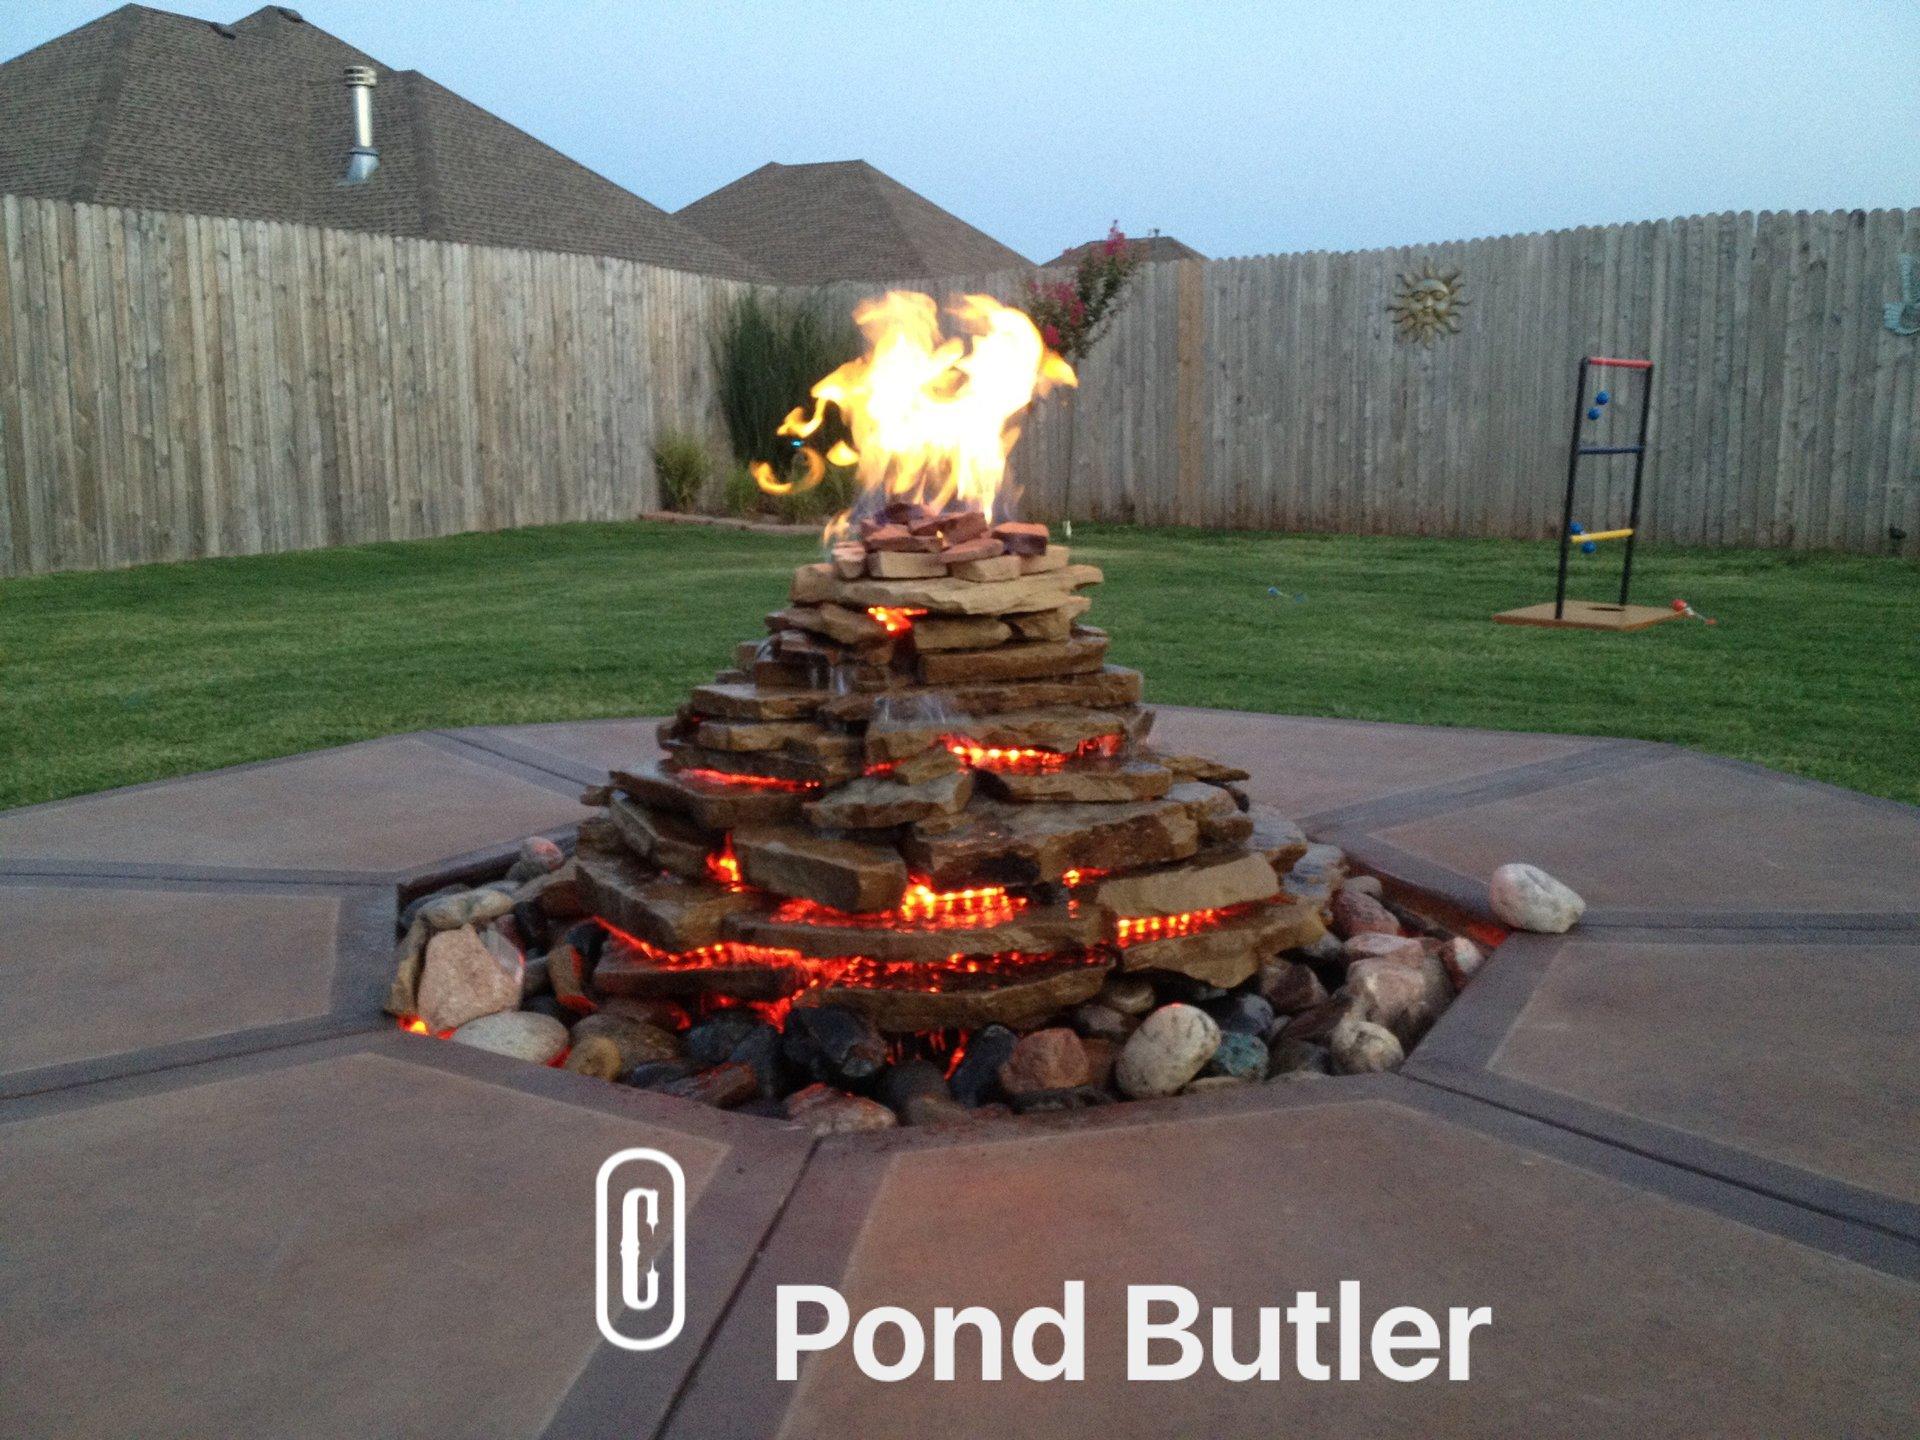 Pond Butler image 5